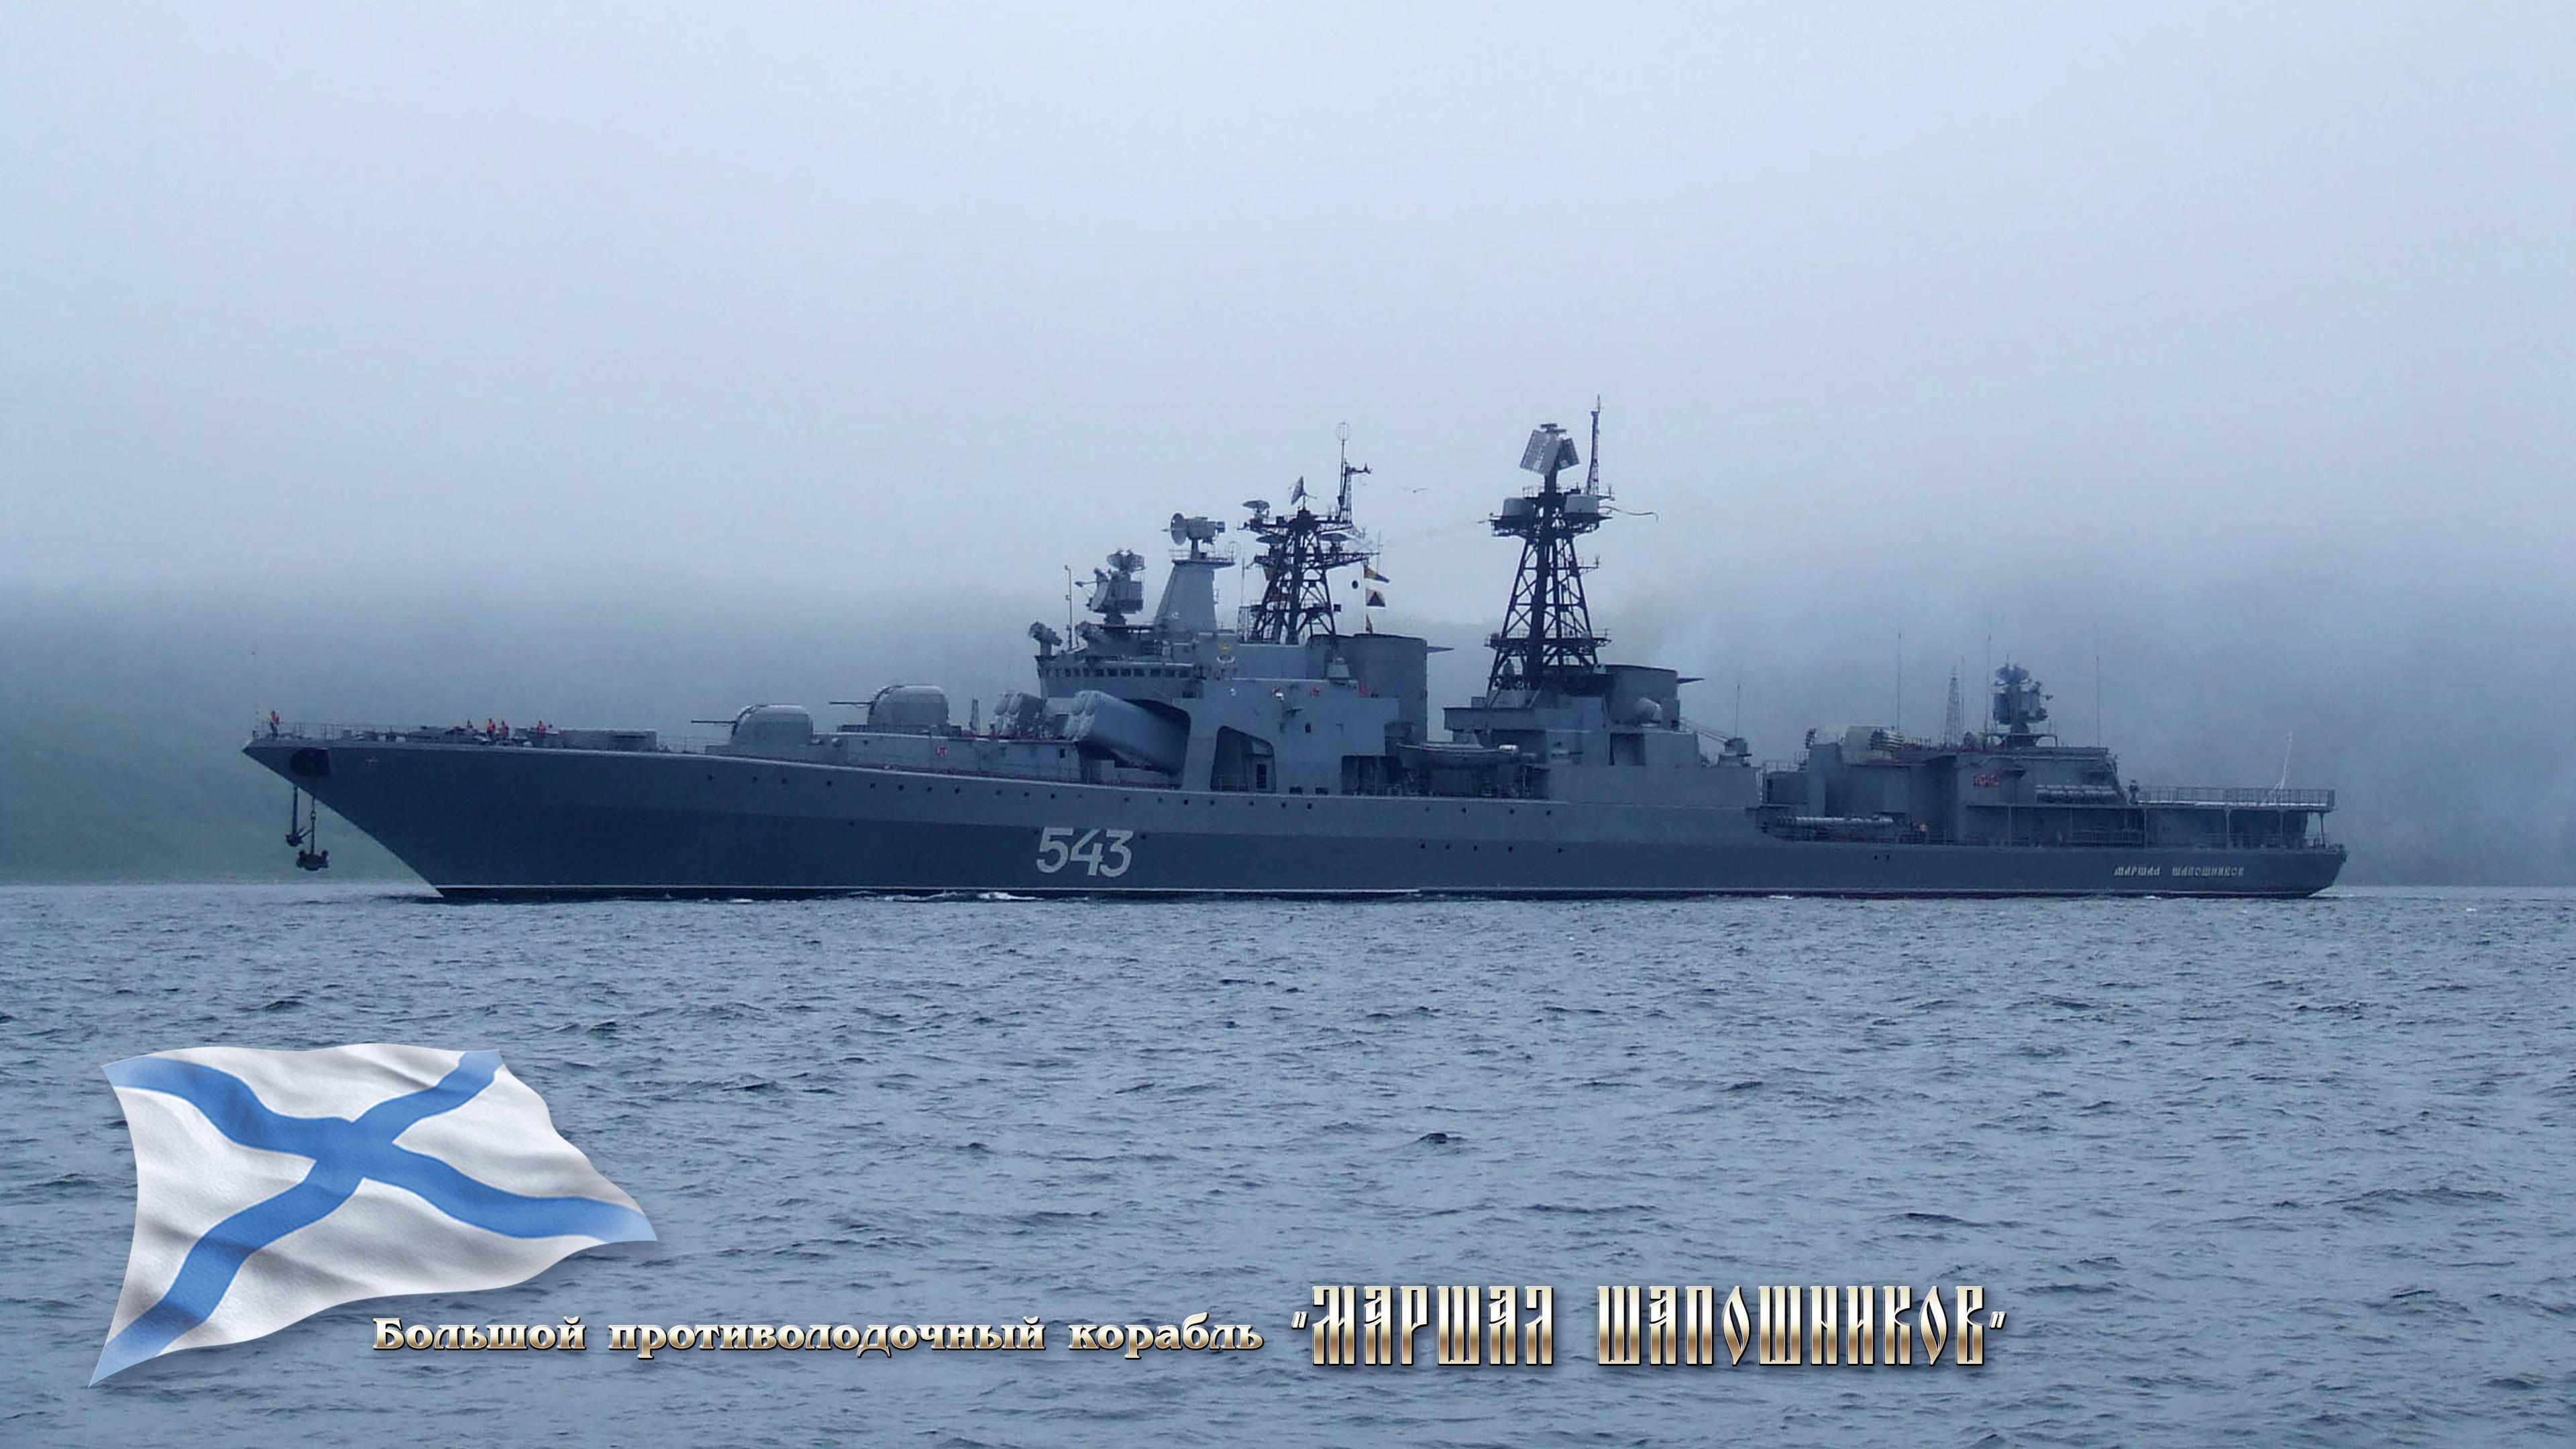 Тихоокеанский флот россии